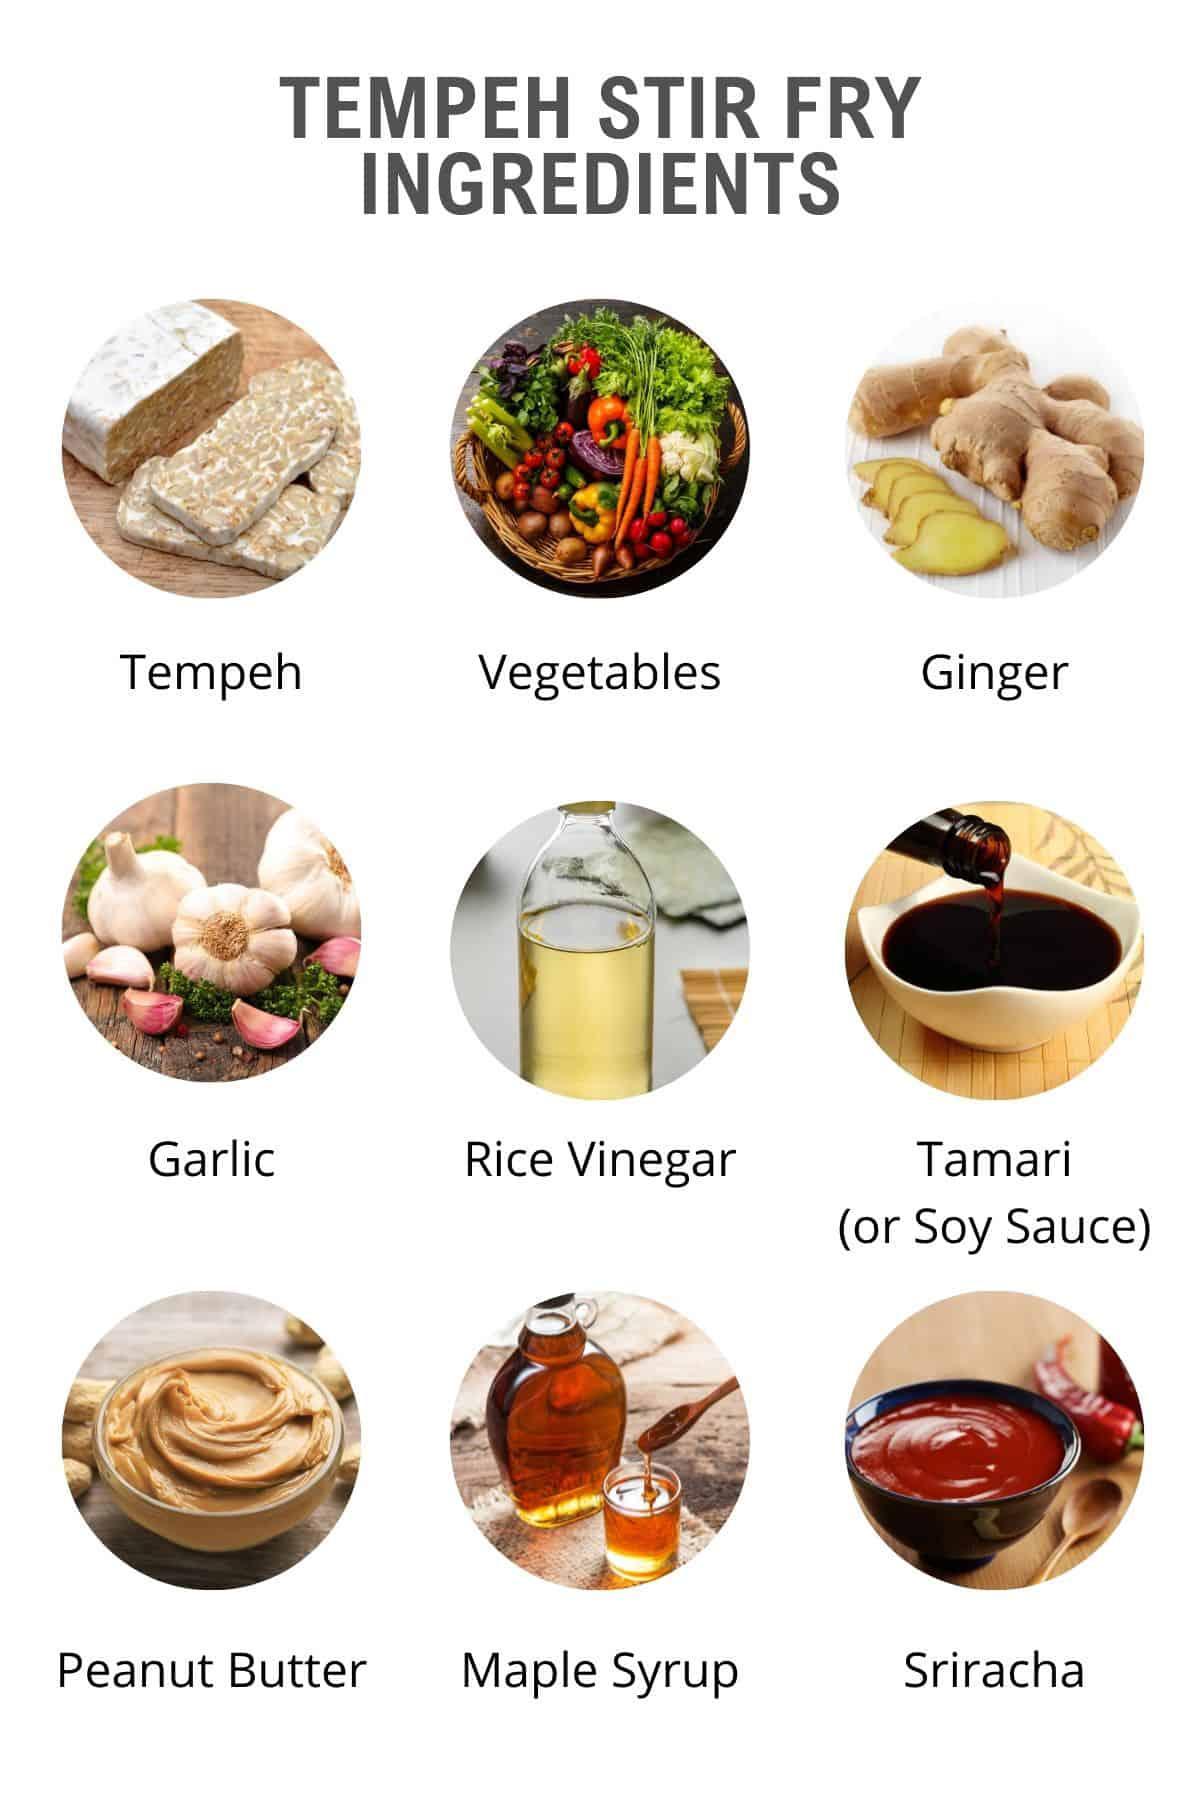 ingredients in the tempeh stir fry